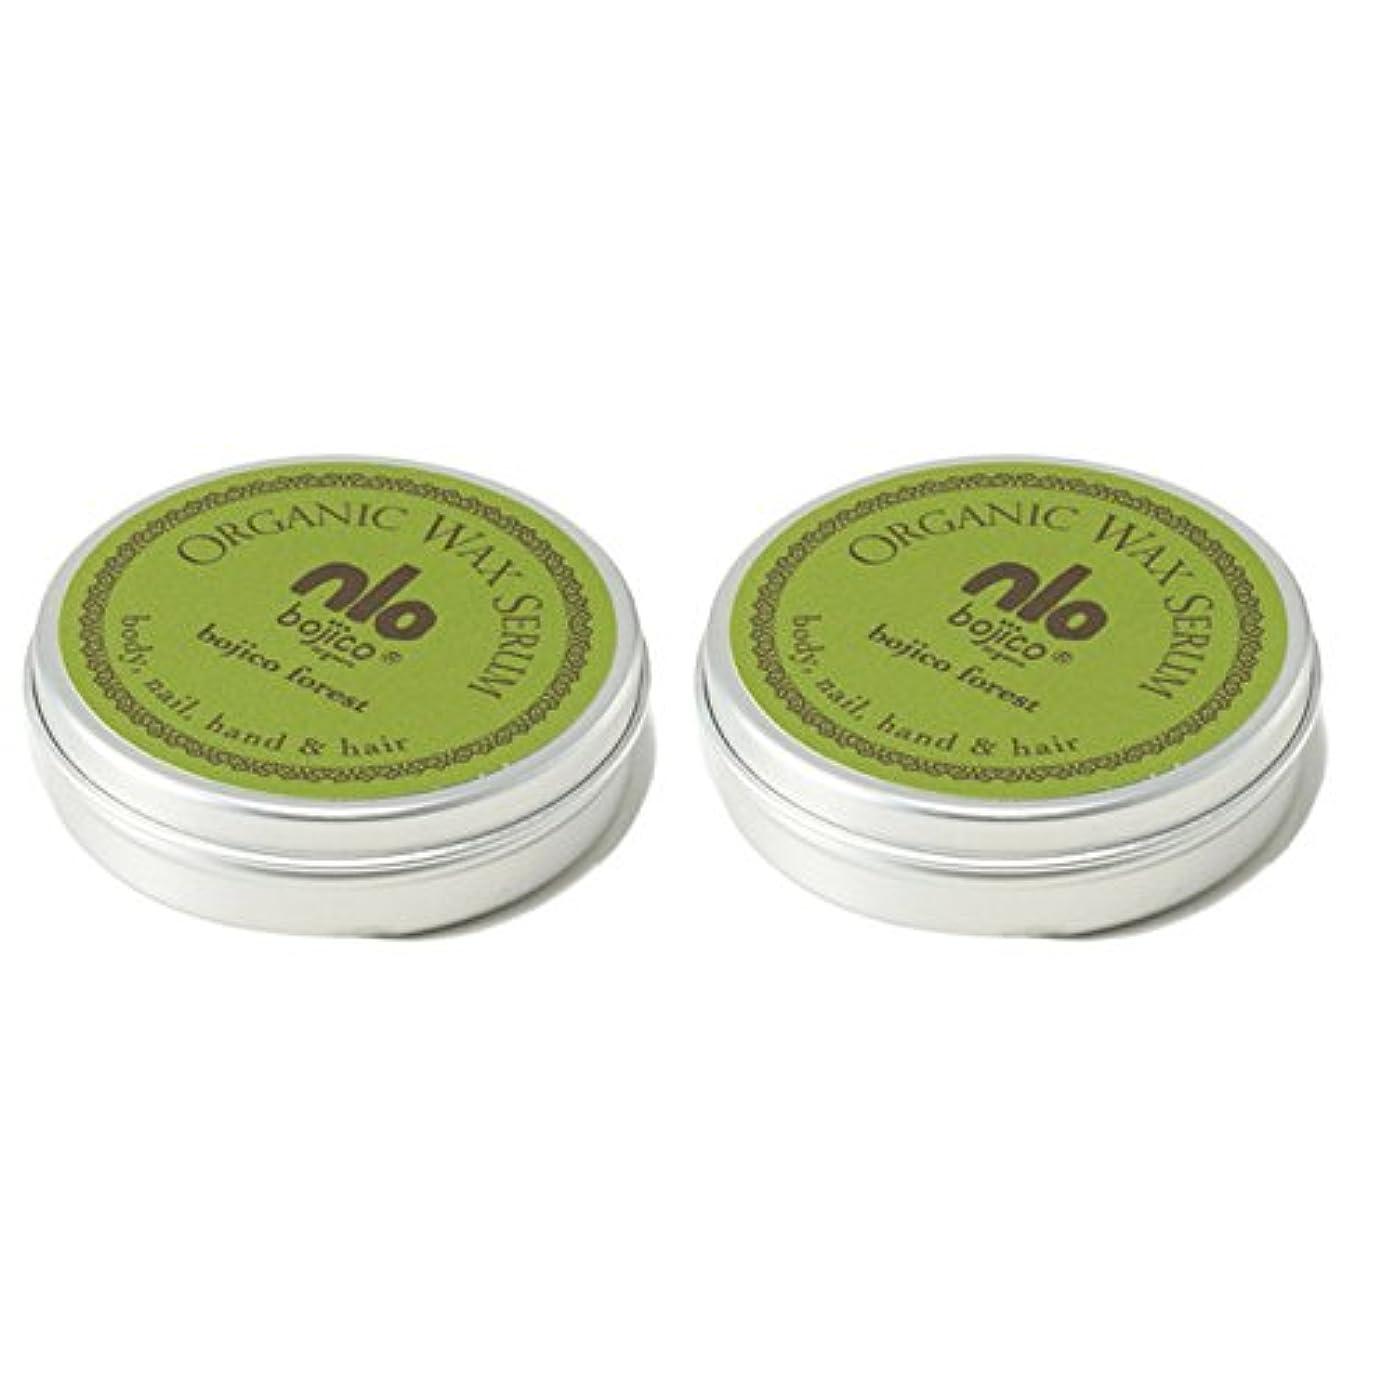 ハンカチ痴漢手首【40g×2個セット】 ボジコ オーガニック ワックス セラム <フォレスト> bojico Organic Wax Serum 40g×2